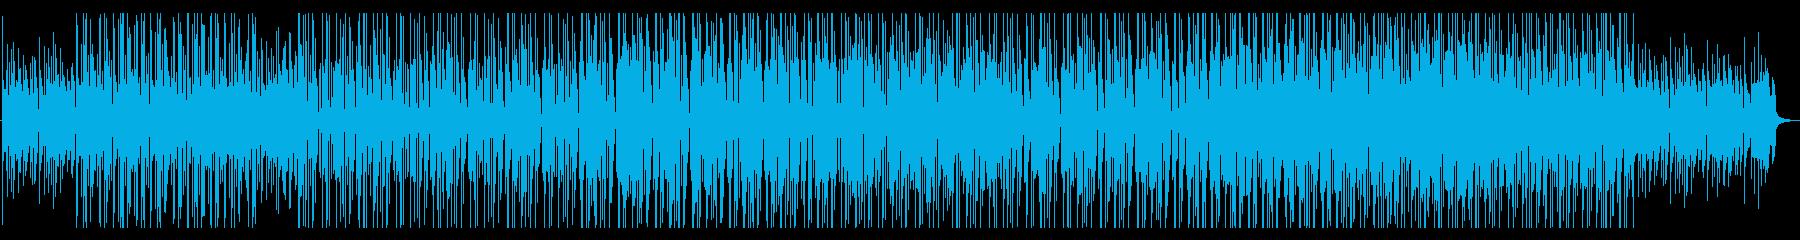 ダンディ/踊れるブルース/ムーディーの再生済みの波形